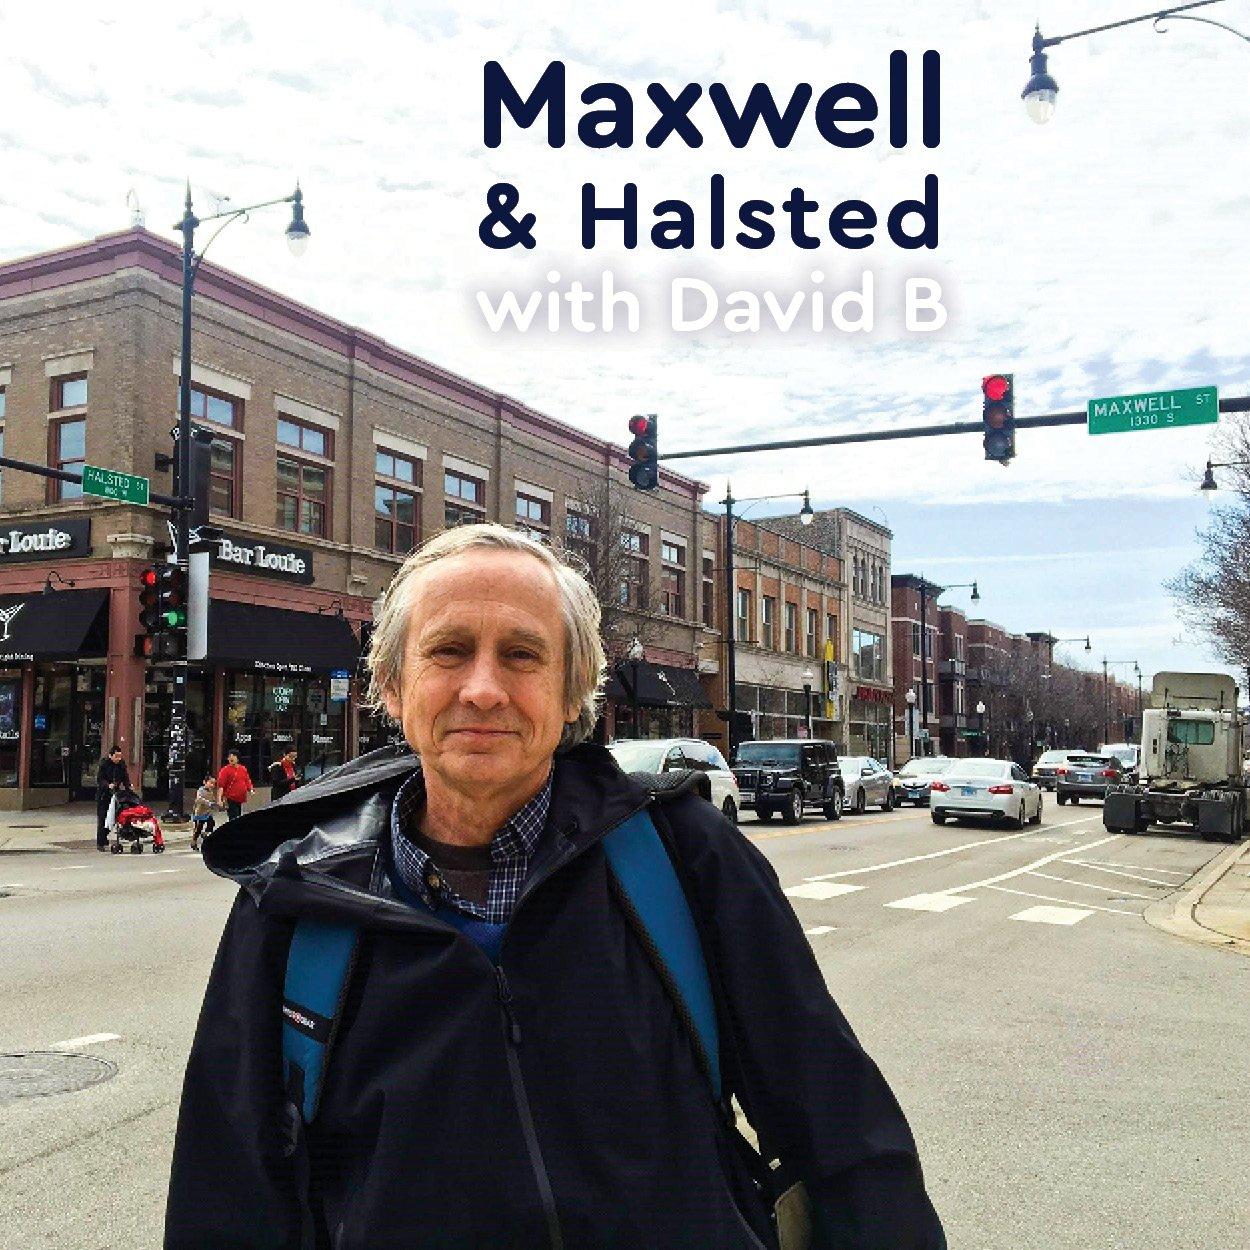 David at Maxwell & Halsted